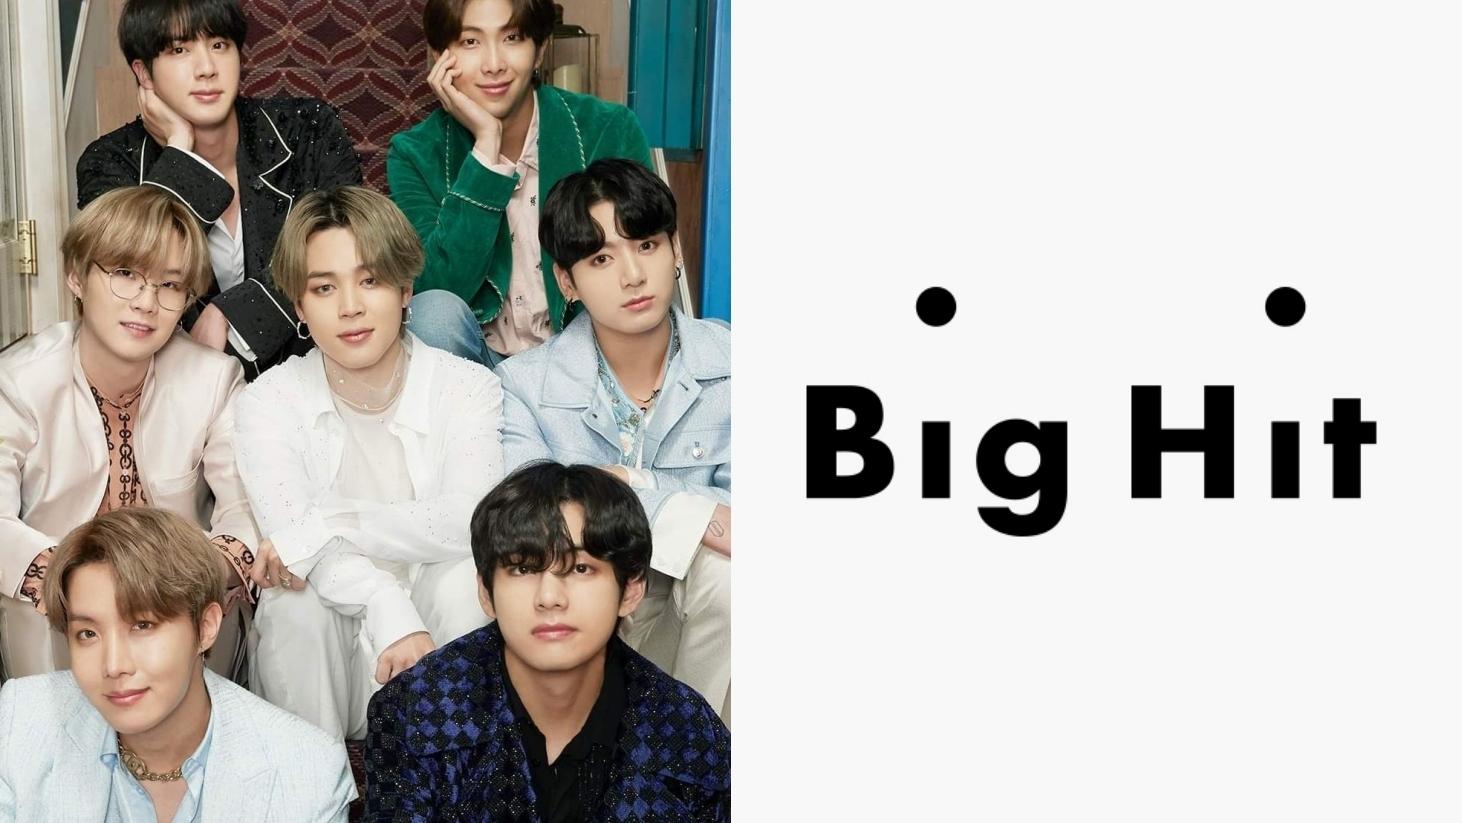 BTS and Big Hit Donate $1 Million to #BlackLivesMatter